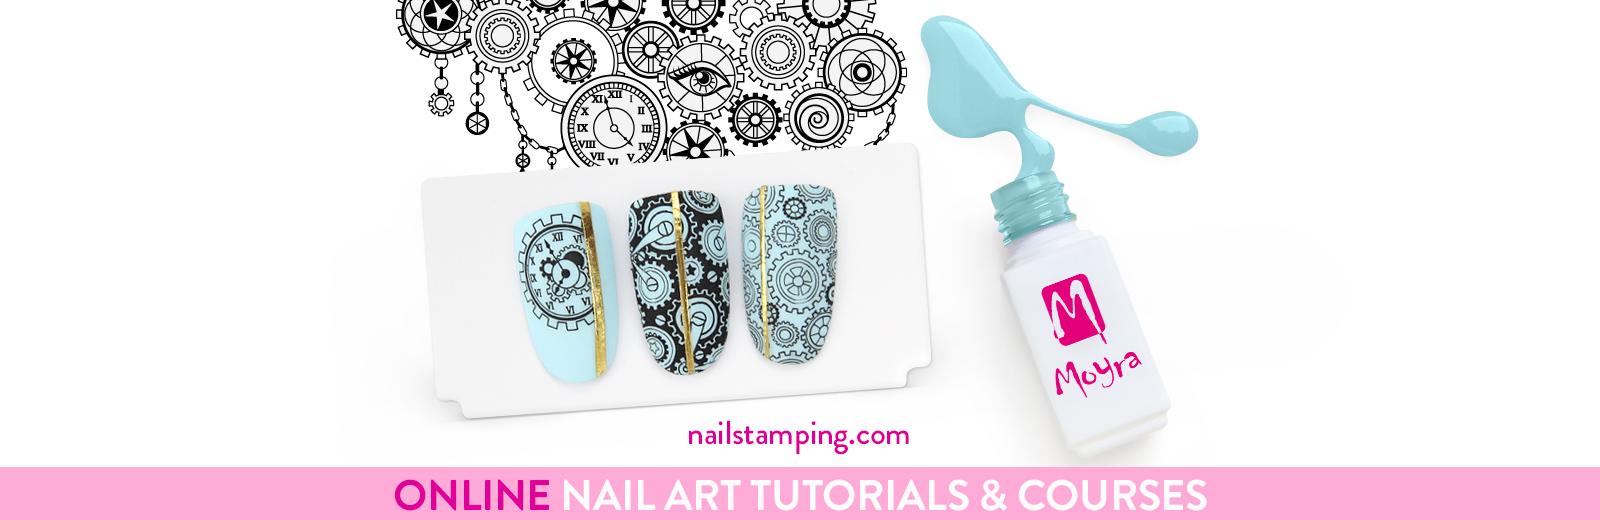 Online Nail Art Tutorials & Courses